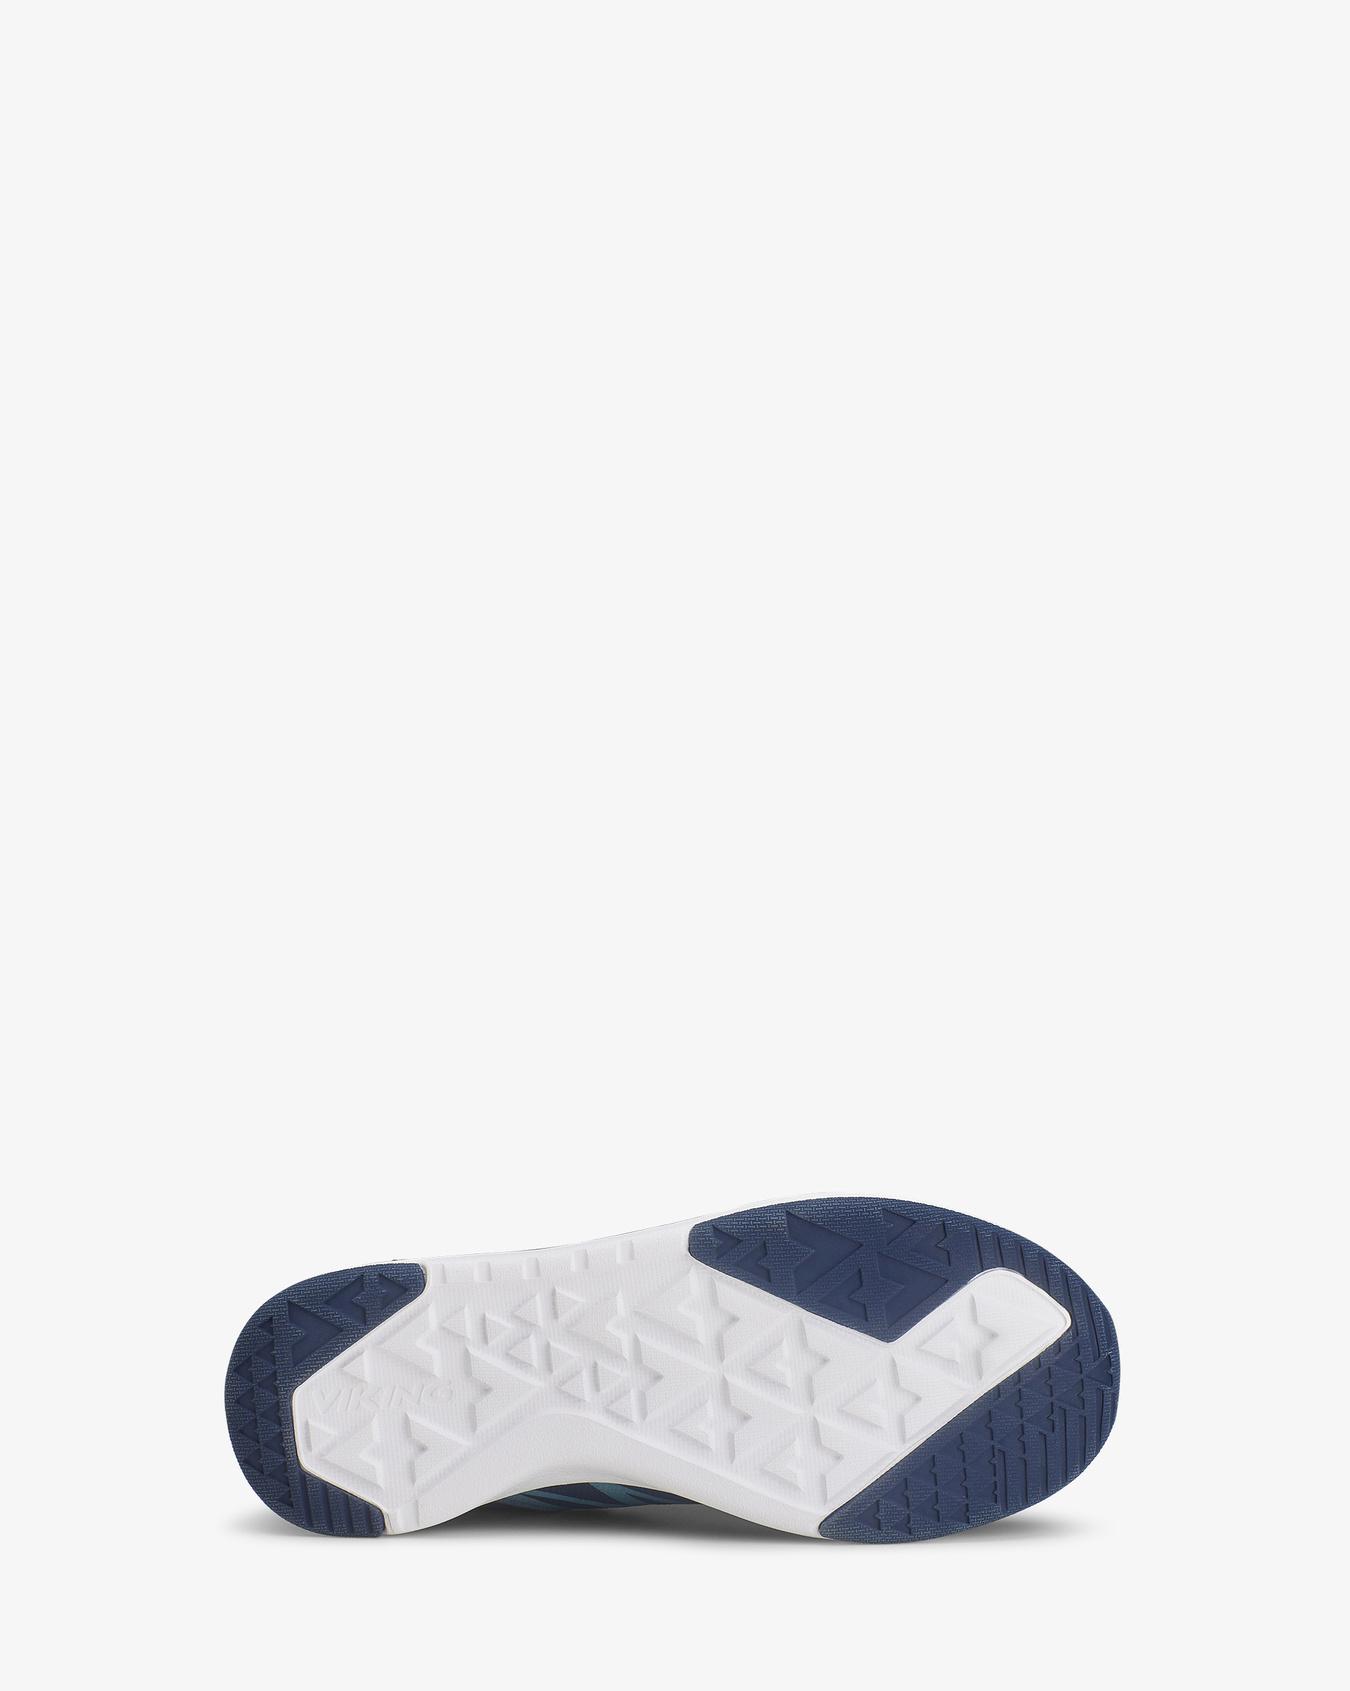 Oppsal Boa R GTX Navy Sneaker